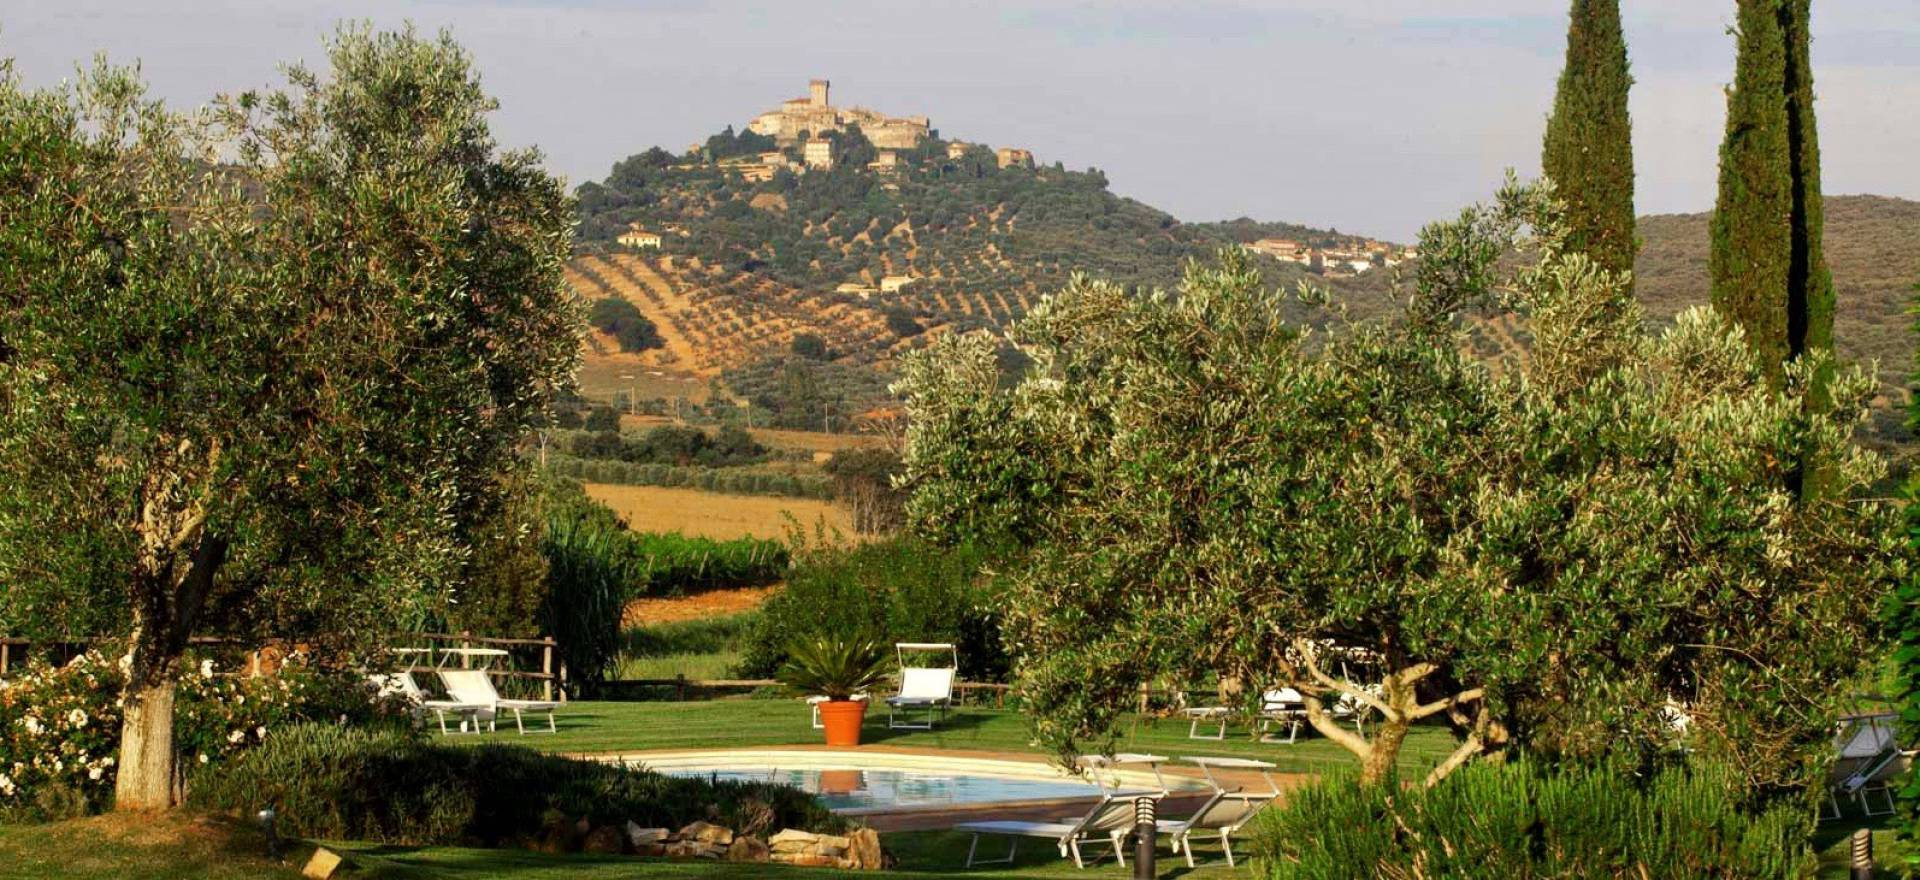 Agriturismo Toscane Romantische agriturismo Toscane in de heuvels bij zee